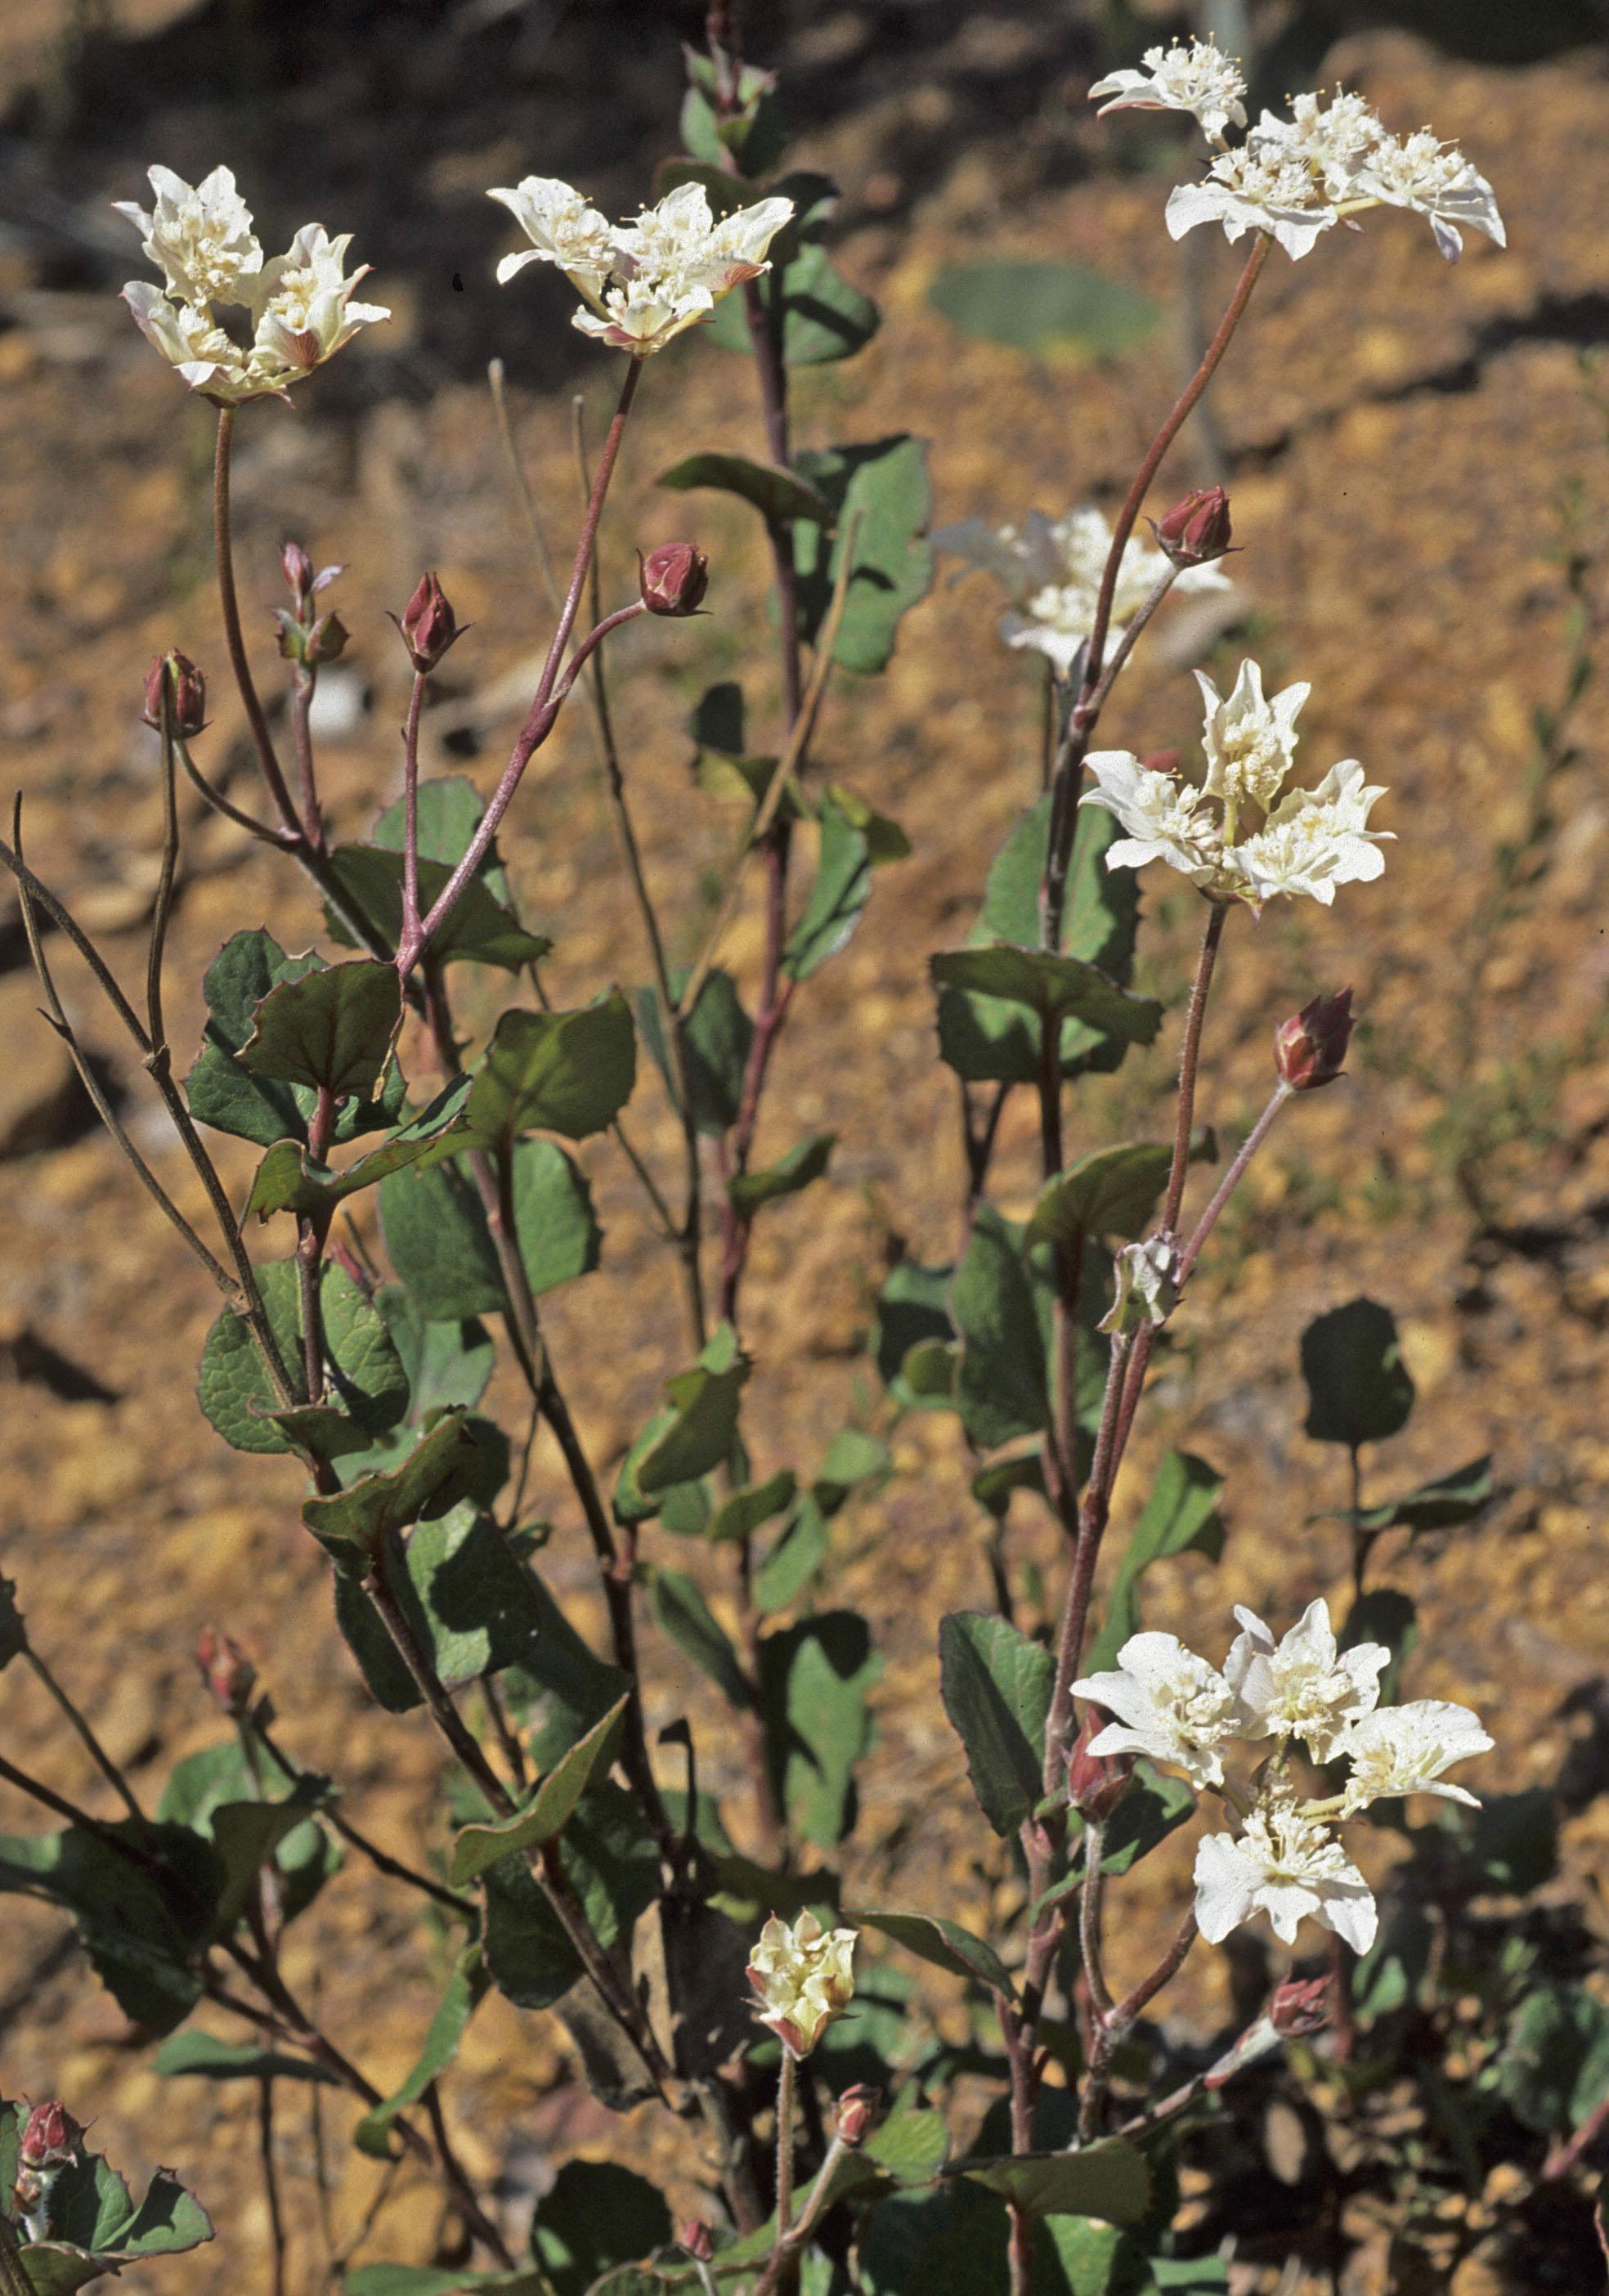 Xanthosia rotundifolia